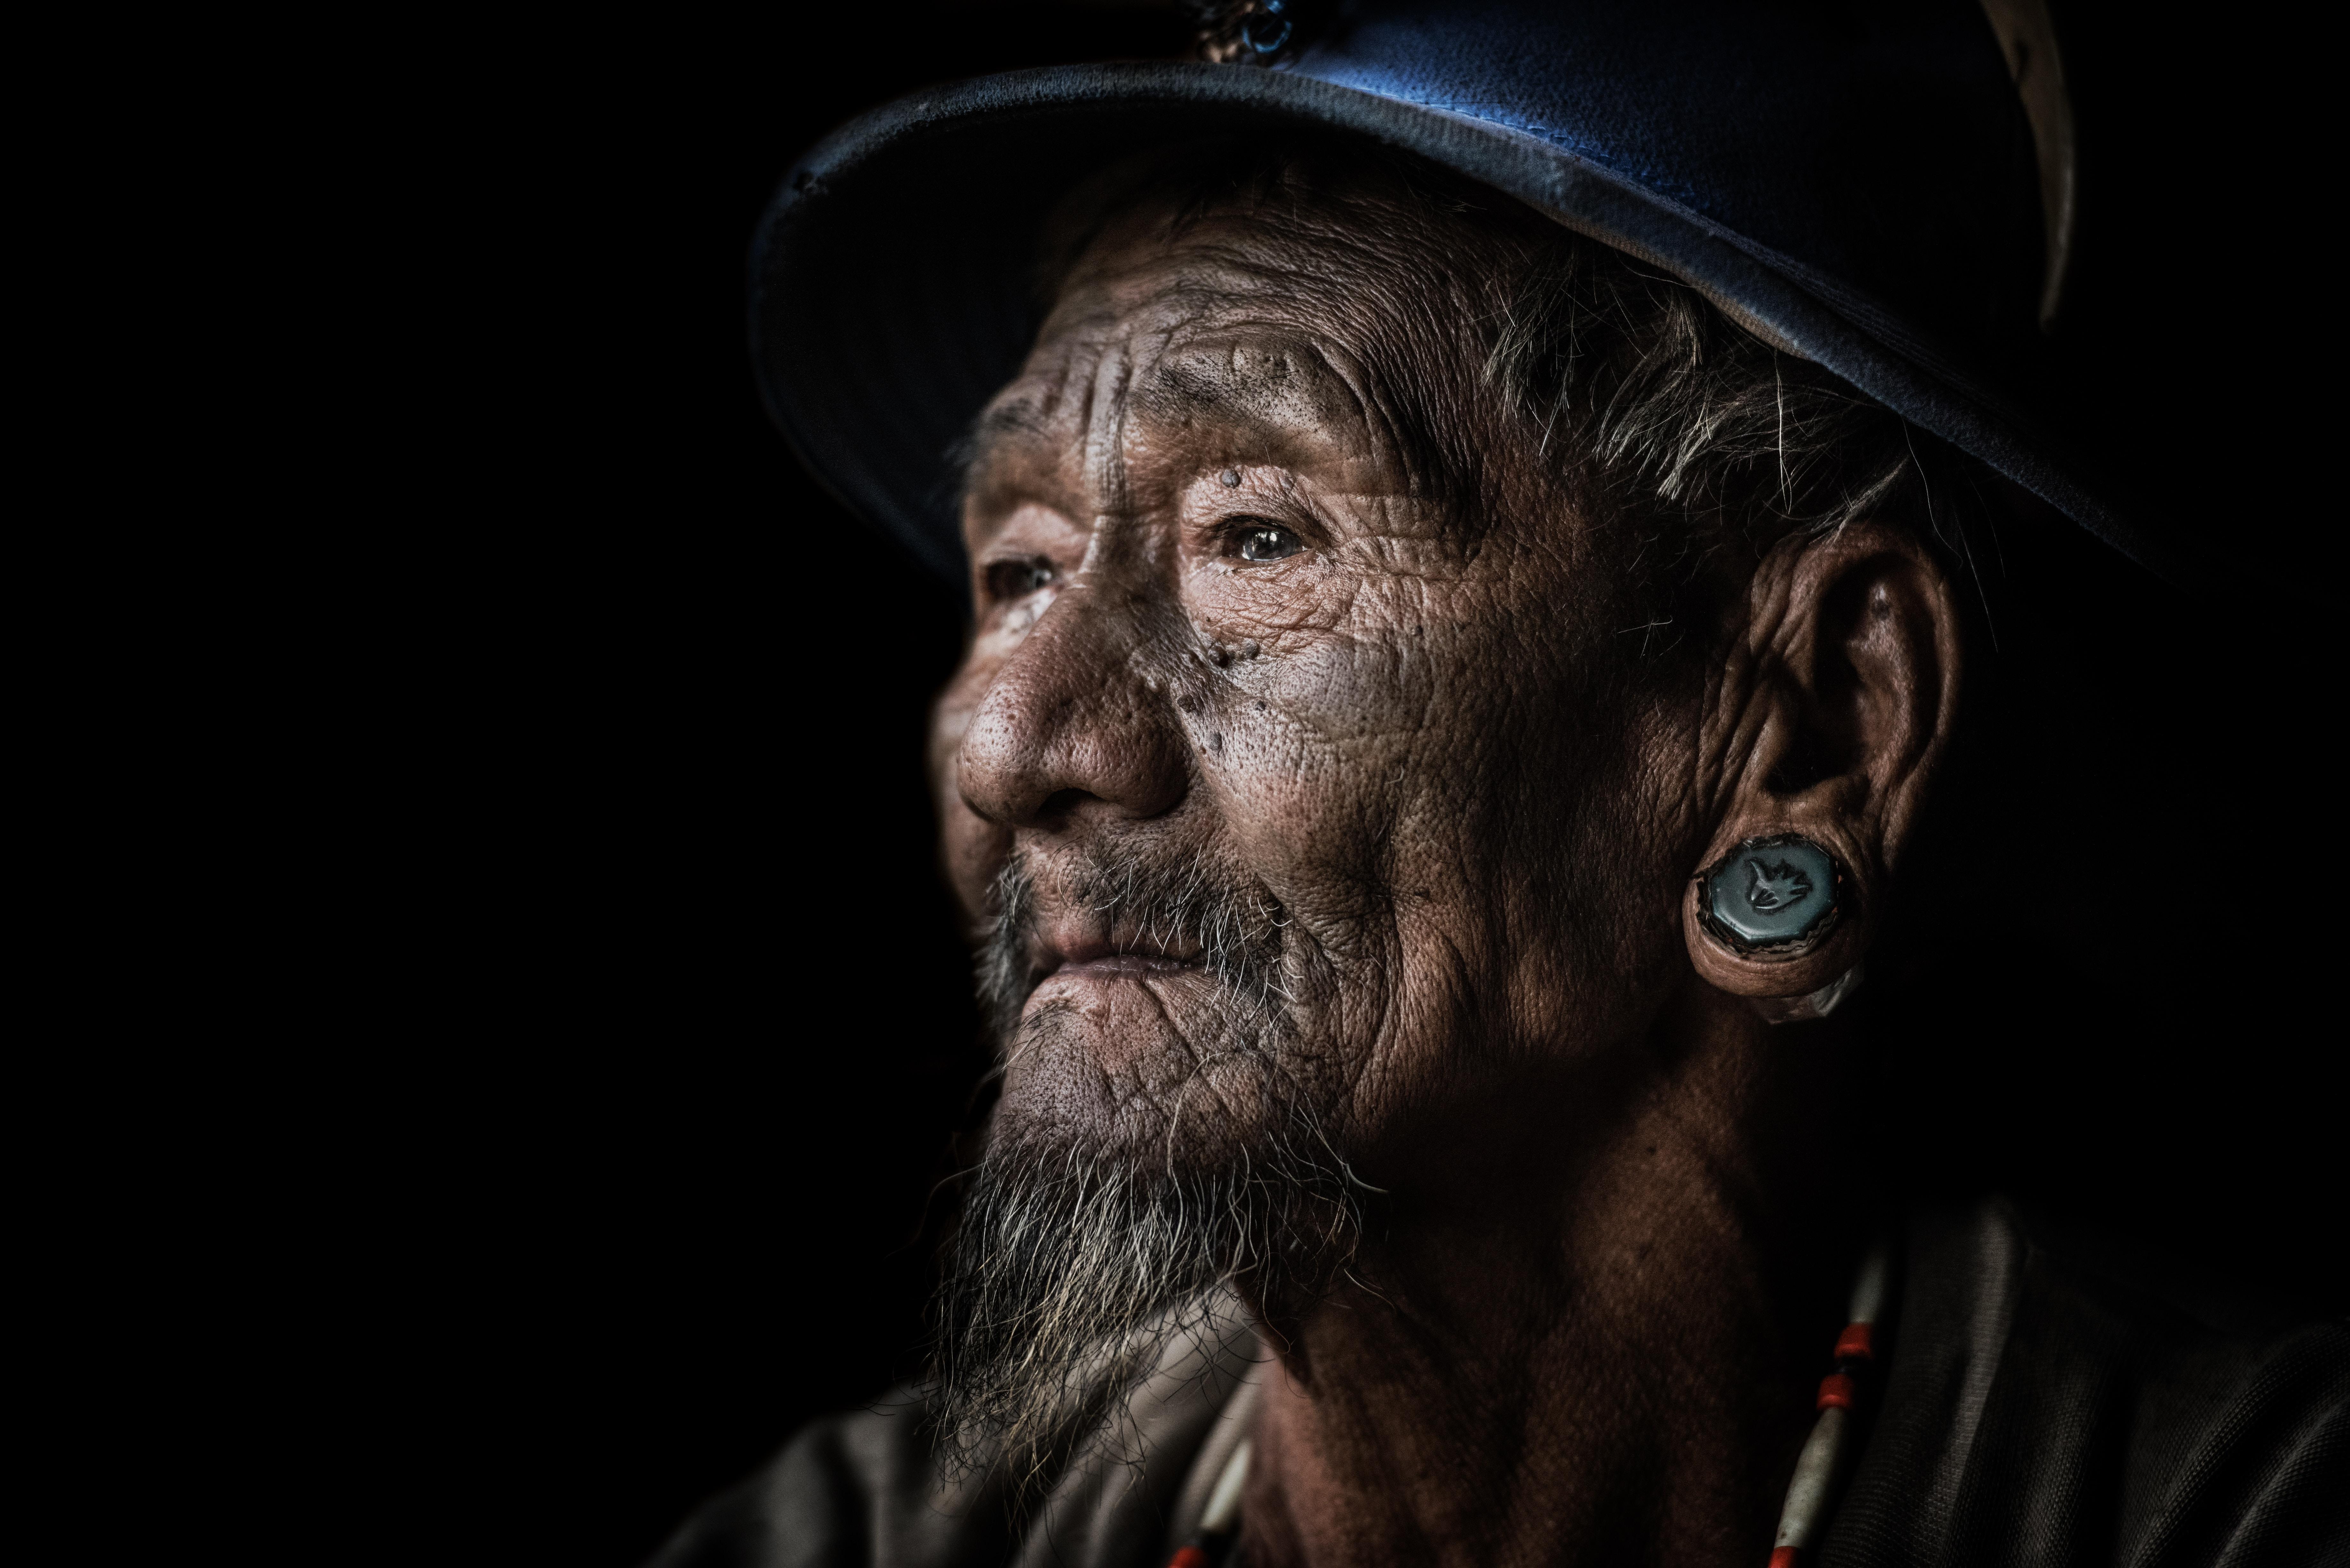 closeup photo of man